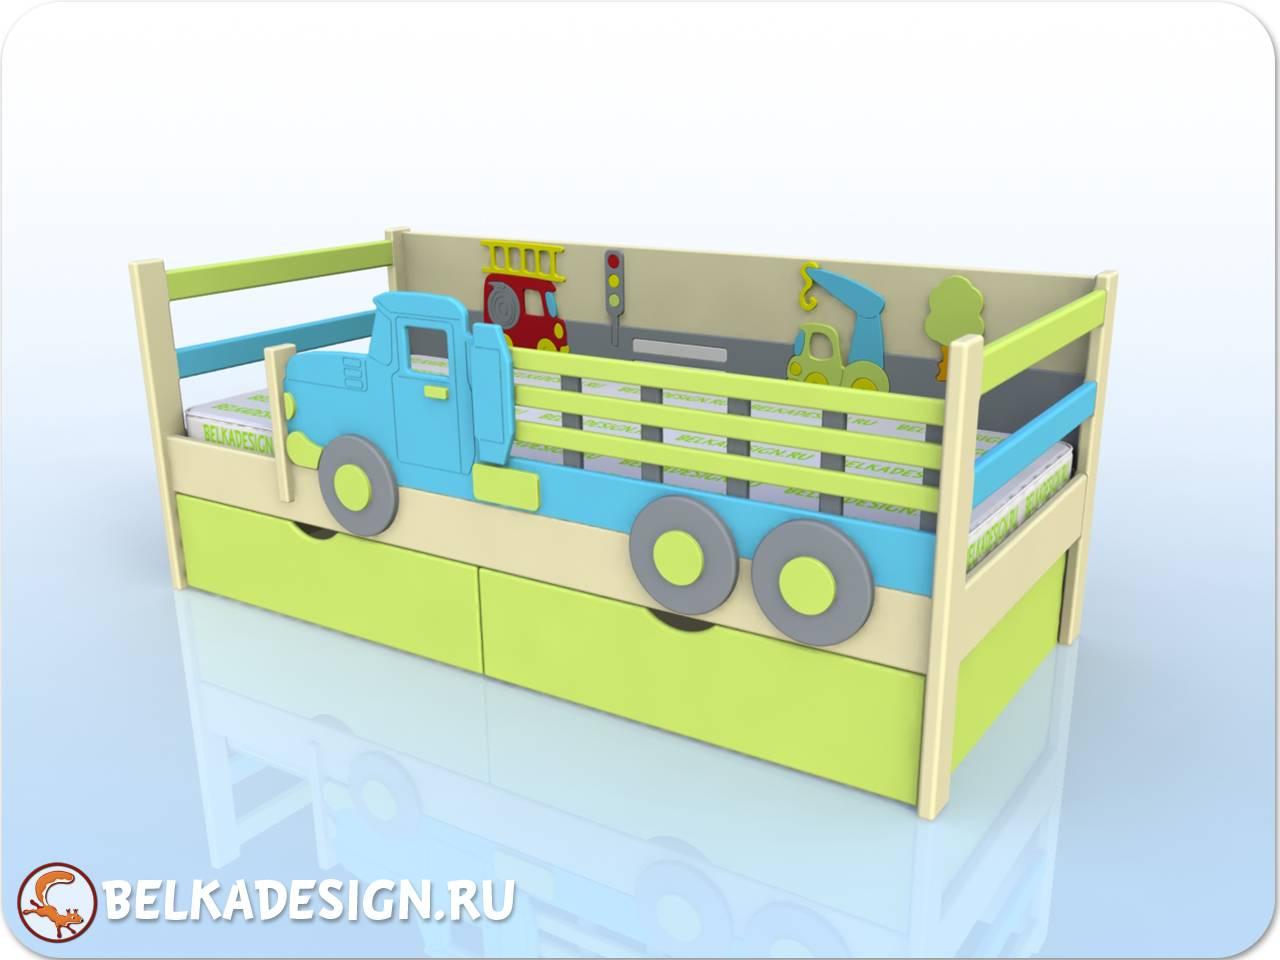 Кровать Грузовик - эмаль